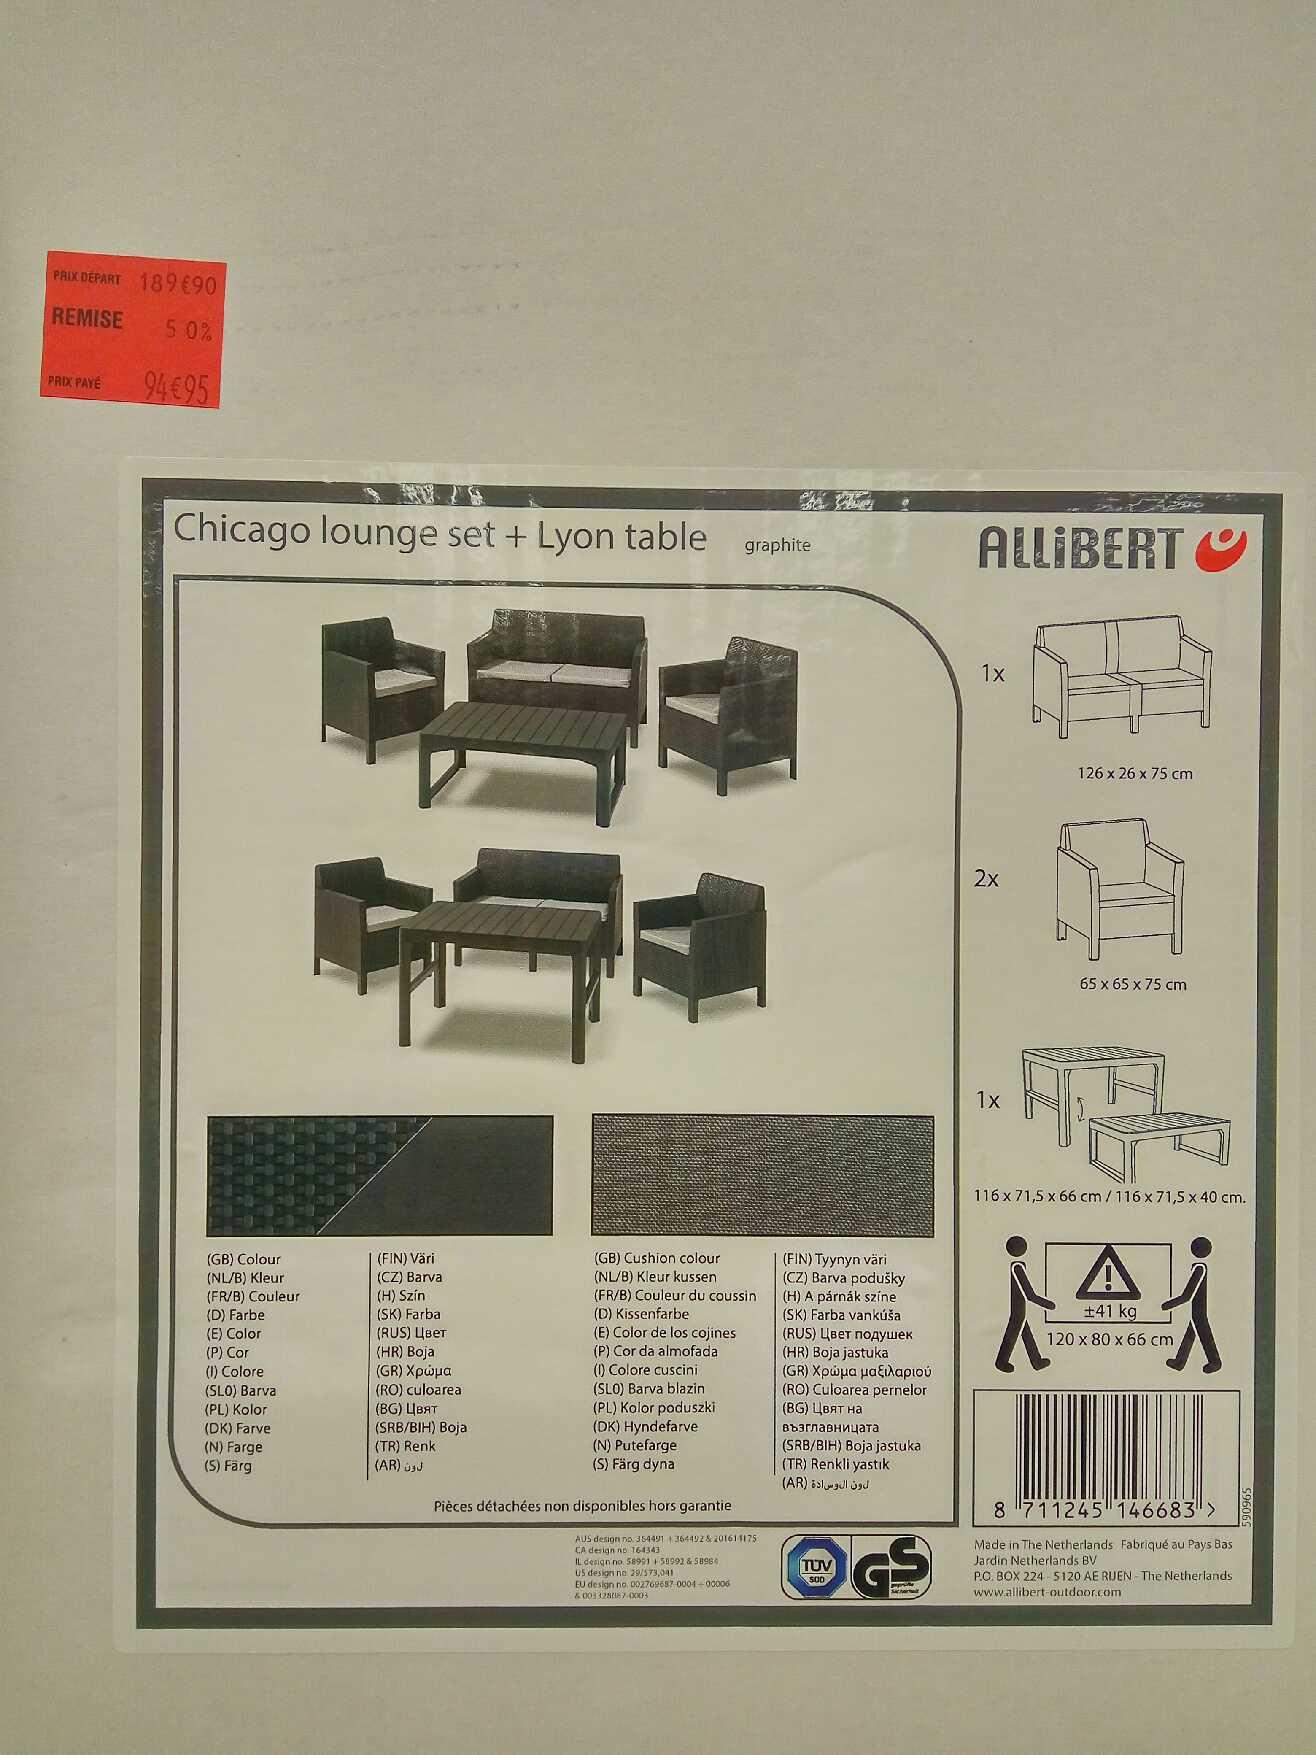 Salon de jardin Allibert Chicago : Lounge 4 places avec banquette, 2 fauteuils et table - Carrefour Vaulx-en-Velin (69)